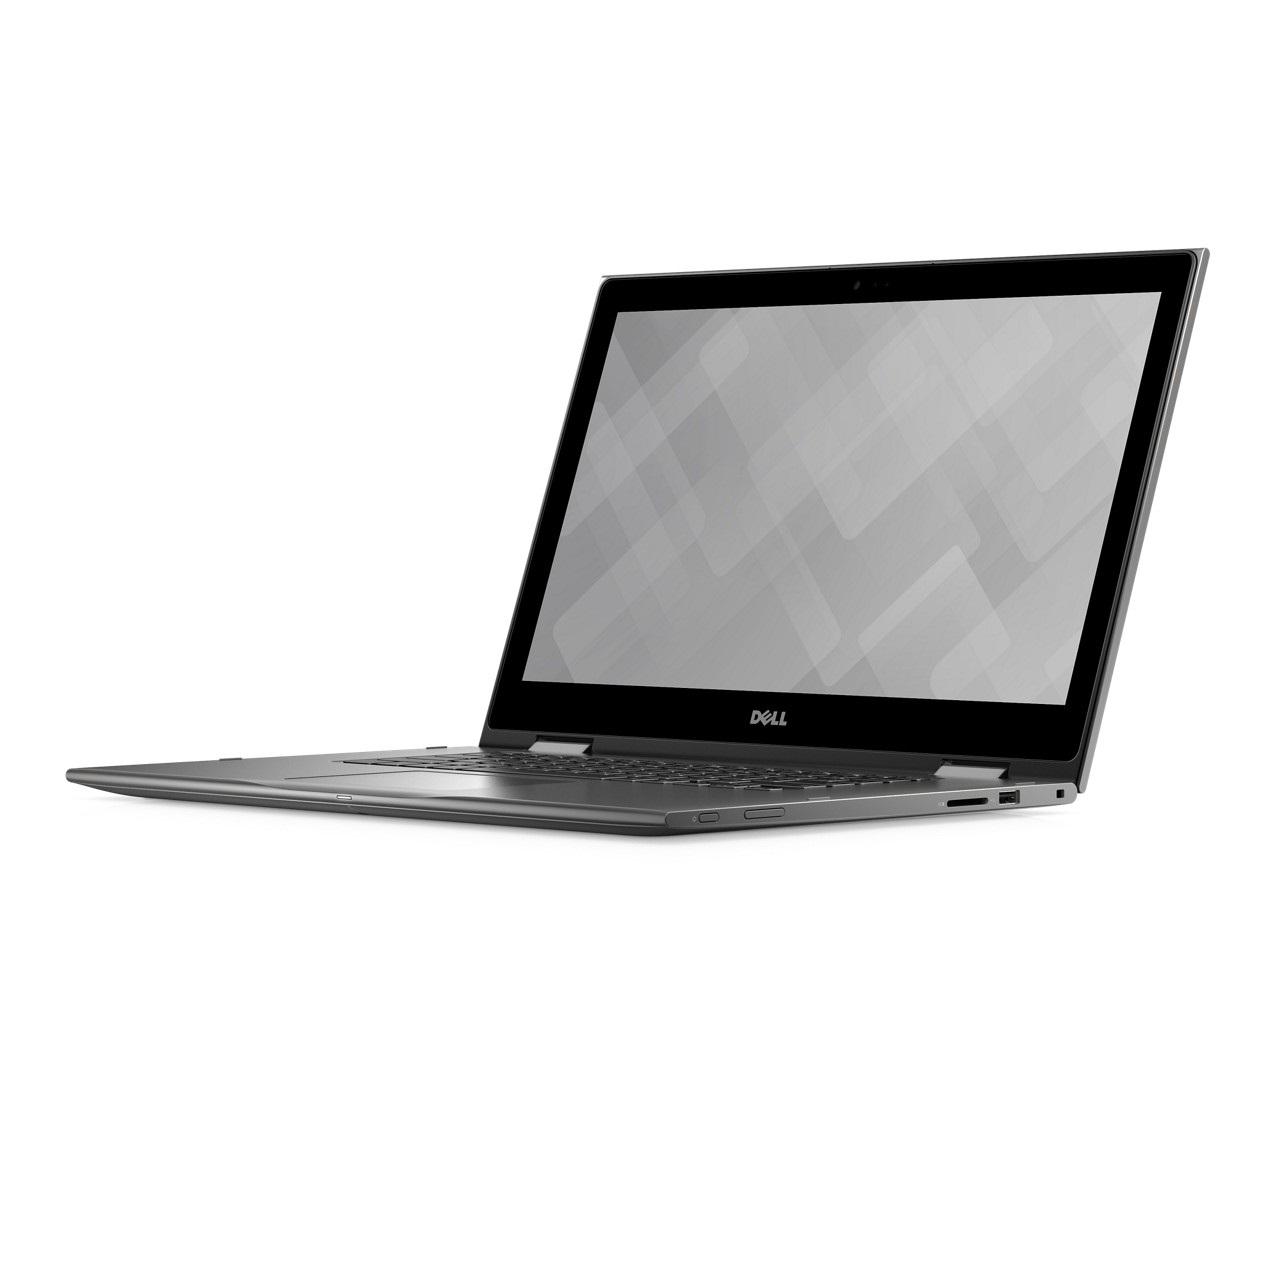 Dell Inspiron 15 5579 39,6cm (15,6